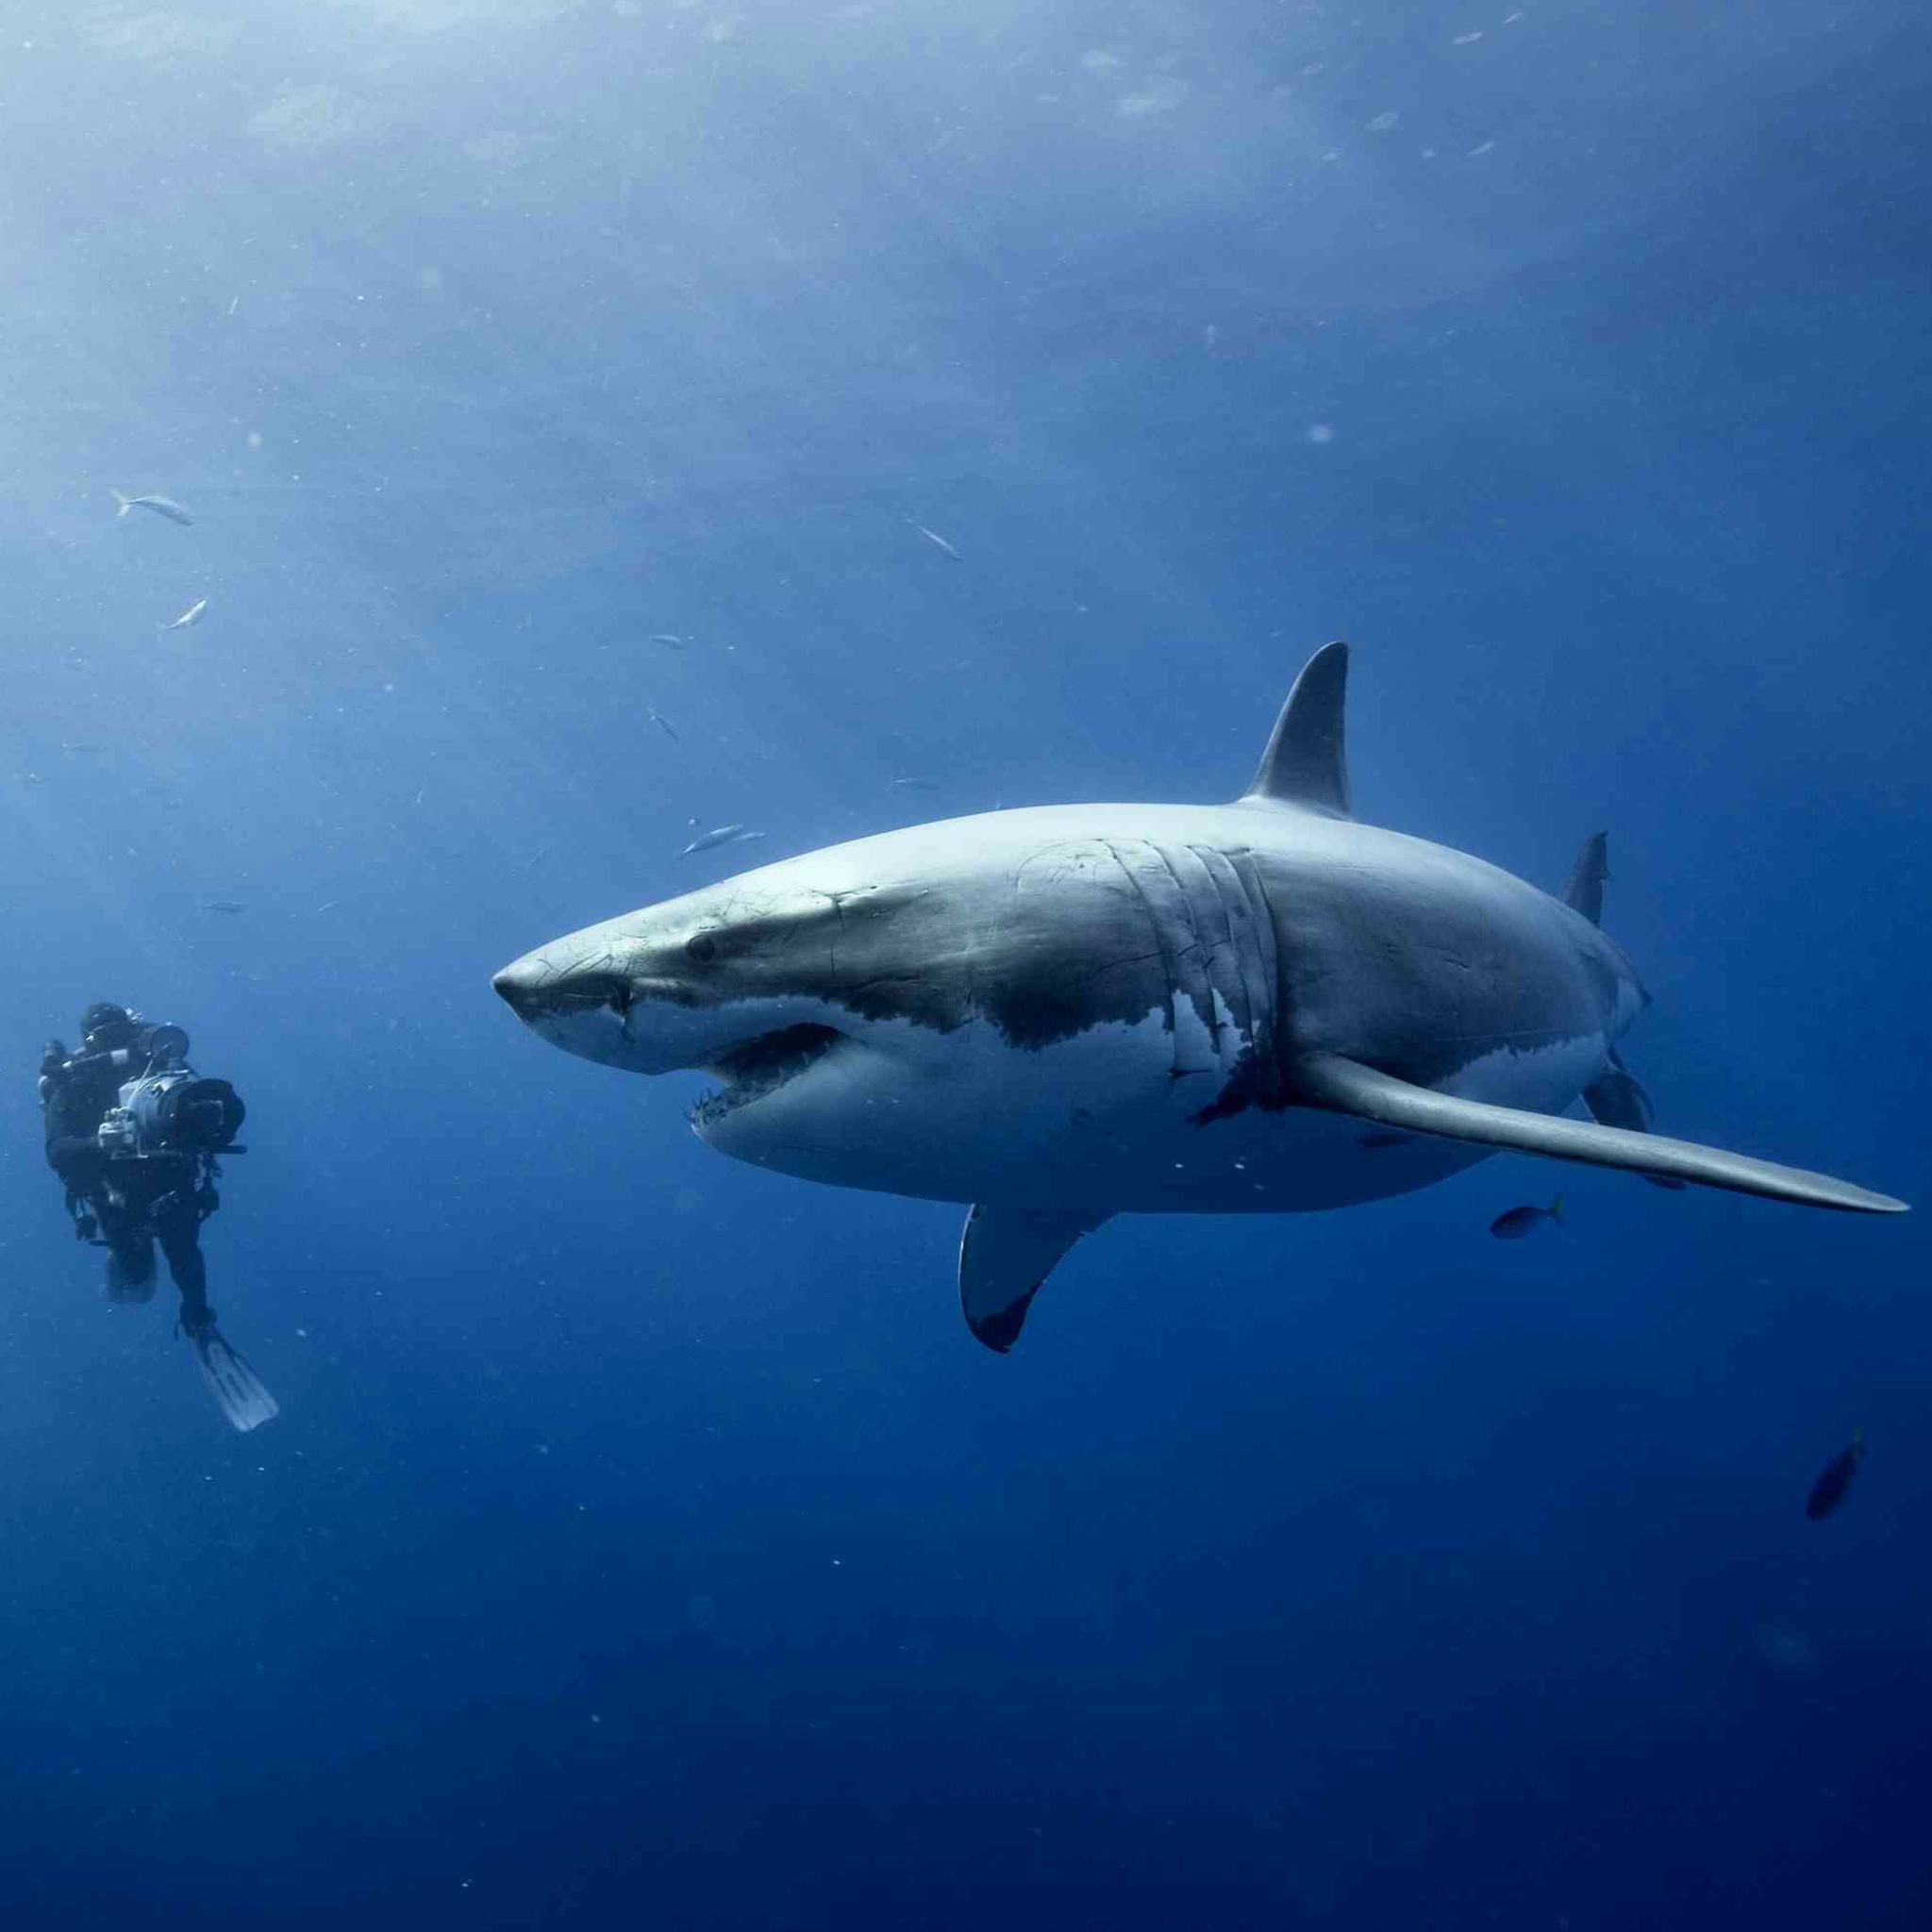 Shark in Ocean 3Wallpapers Shark in Ocean   iPad Retina